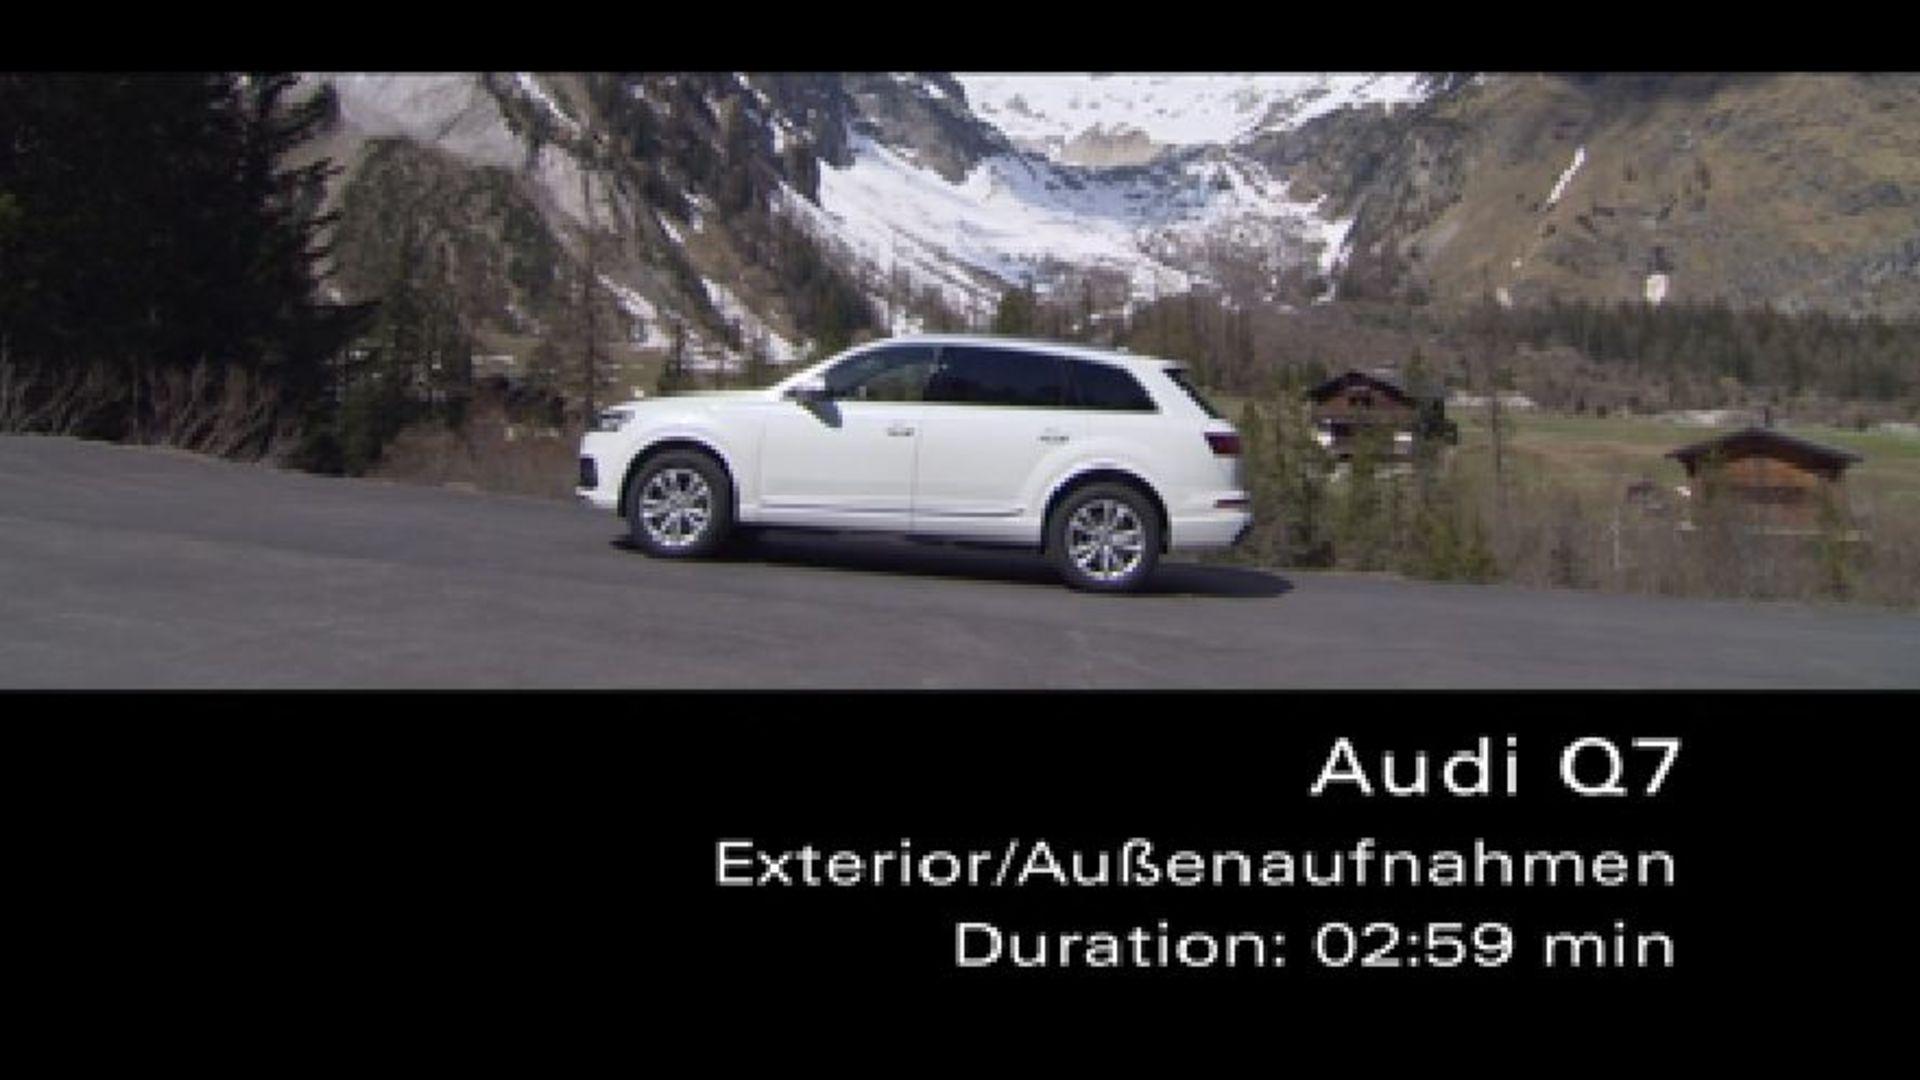 Audi Q7 Außenaufnahmen - Footage